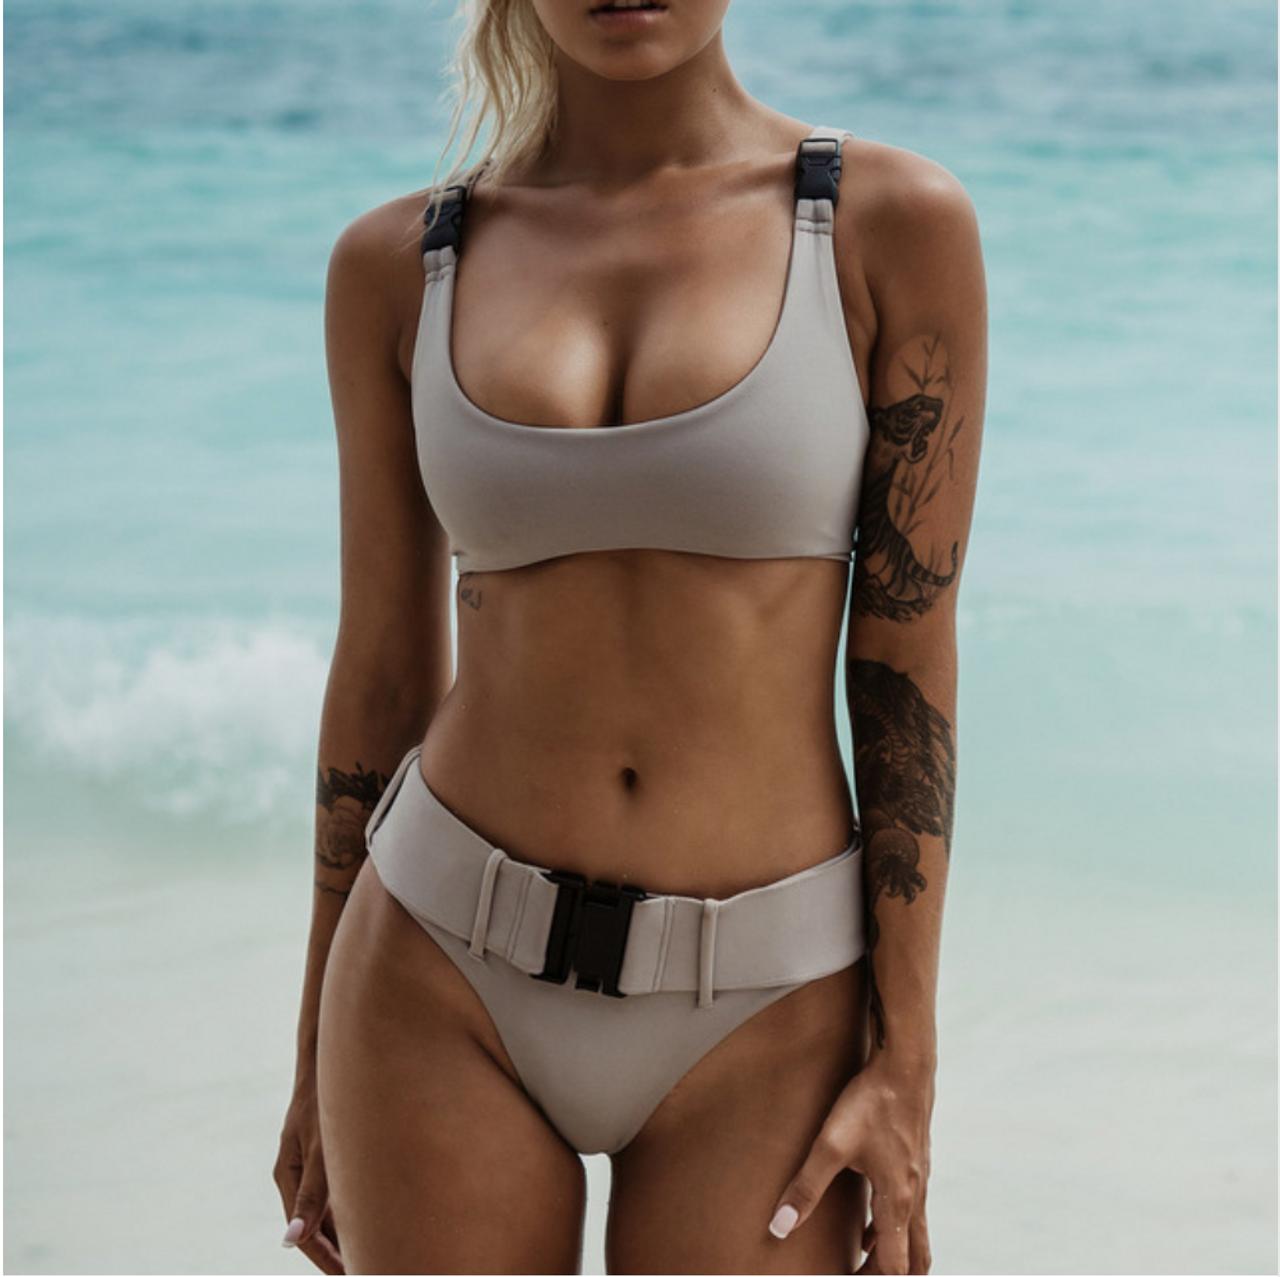 91964288572 2018 Biquini White Sexy High Cut Brazilian Thong Bikinis Women Swimsuit  Triangle Molle Buckle Girls Swimwear Women Bathing Suits